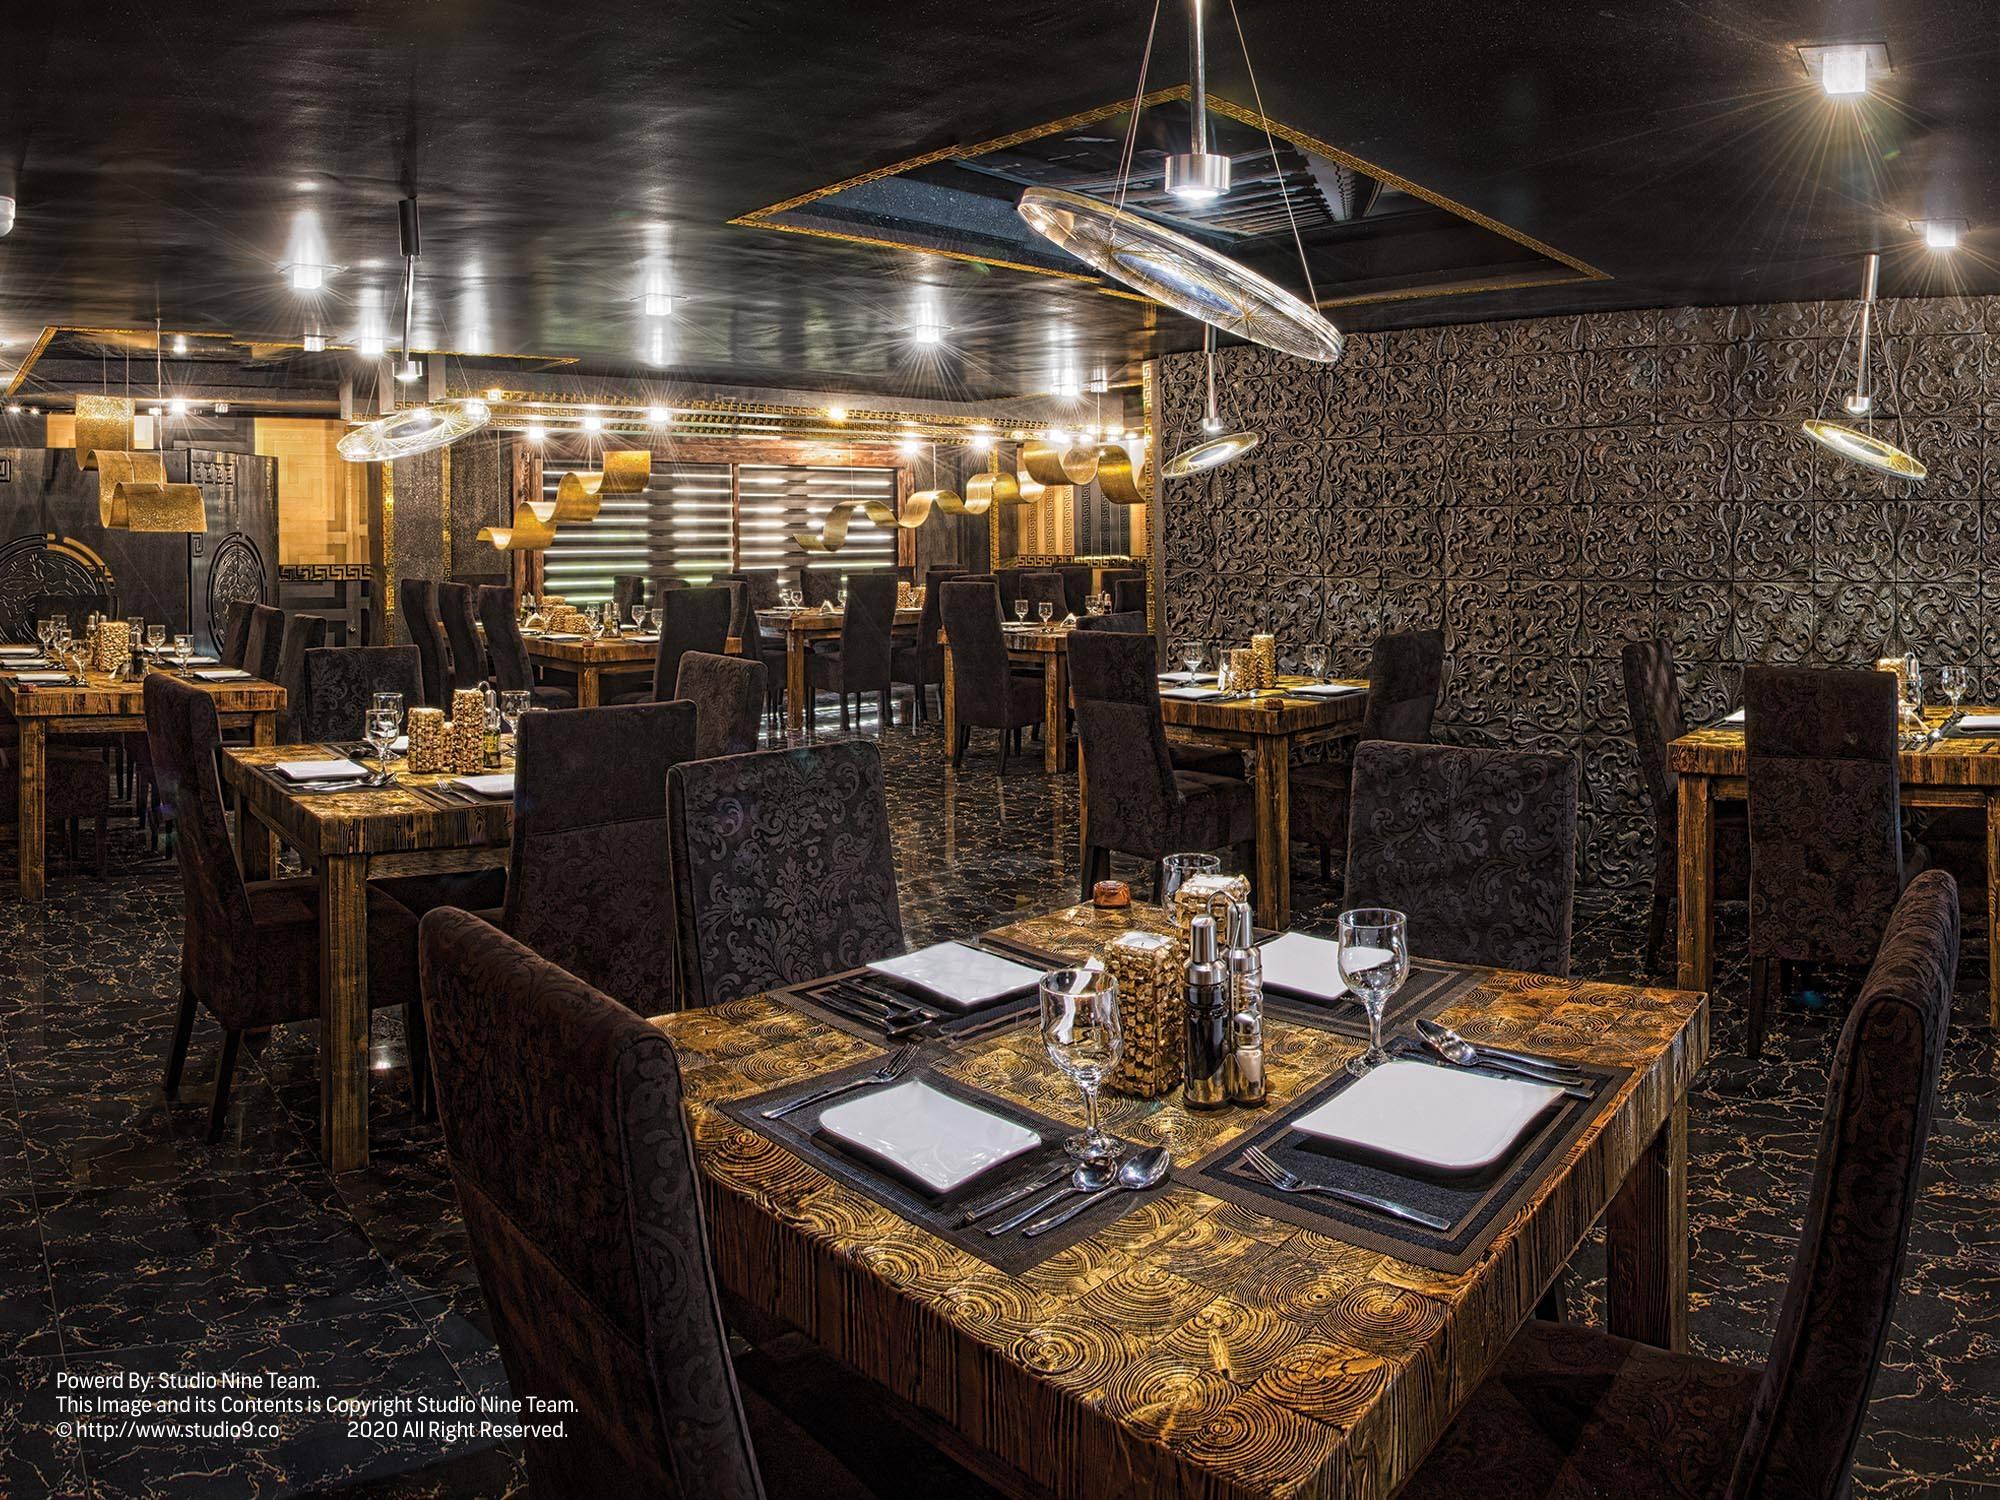 عکاسی پانوراما Panorama | عکاسی صنعتی | عکاسی تبلیغاتی از رستوران